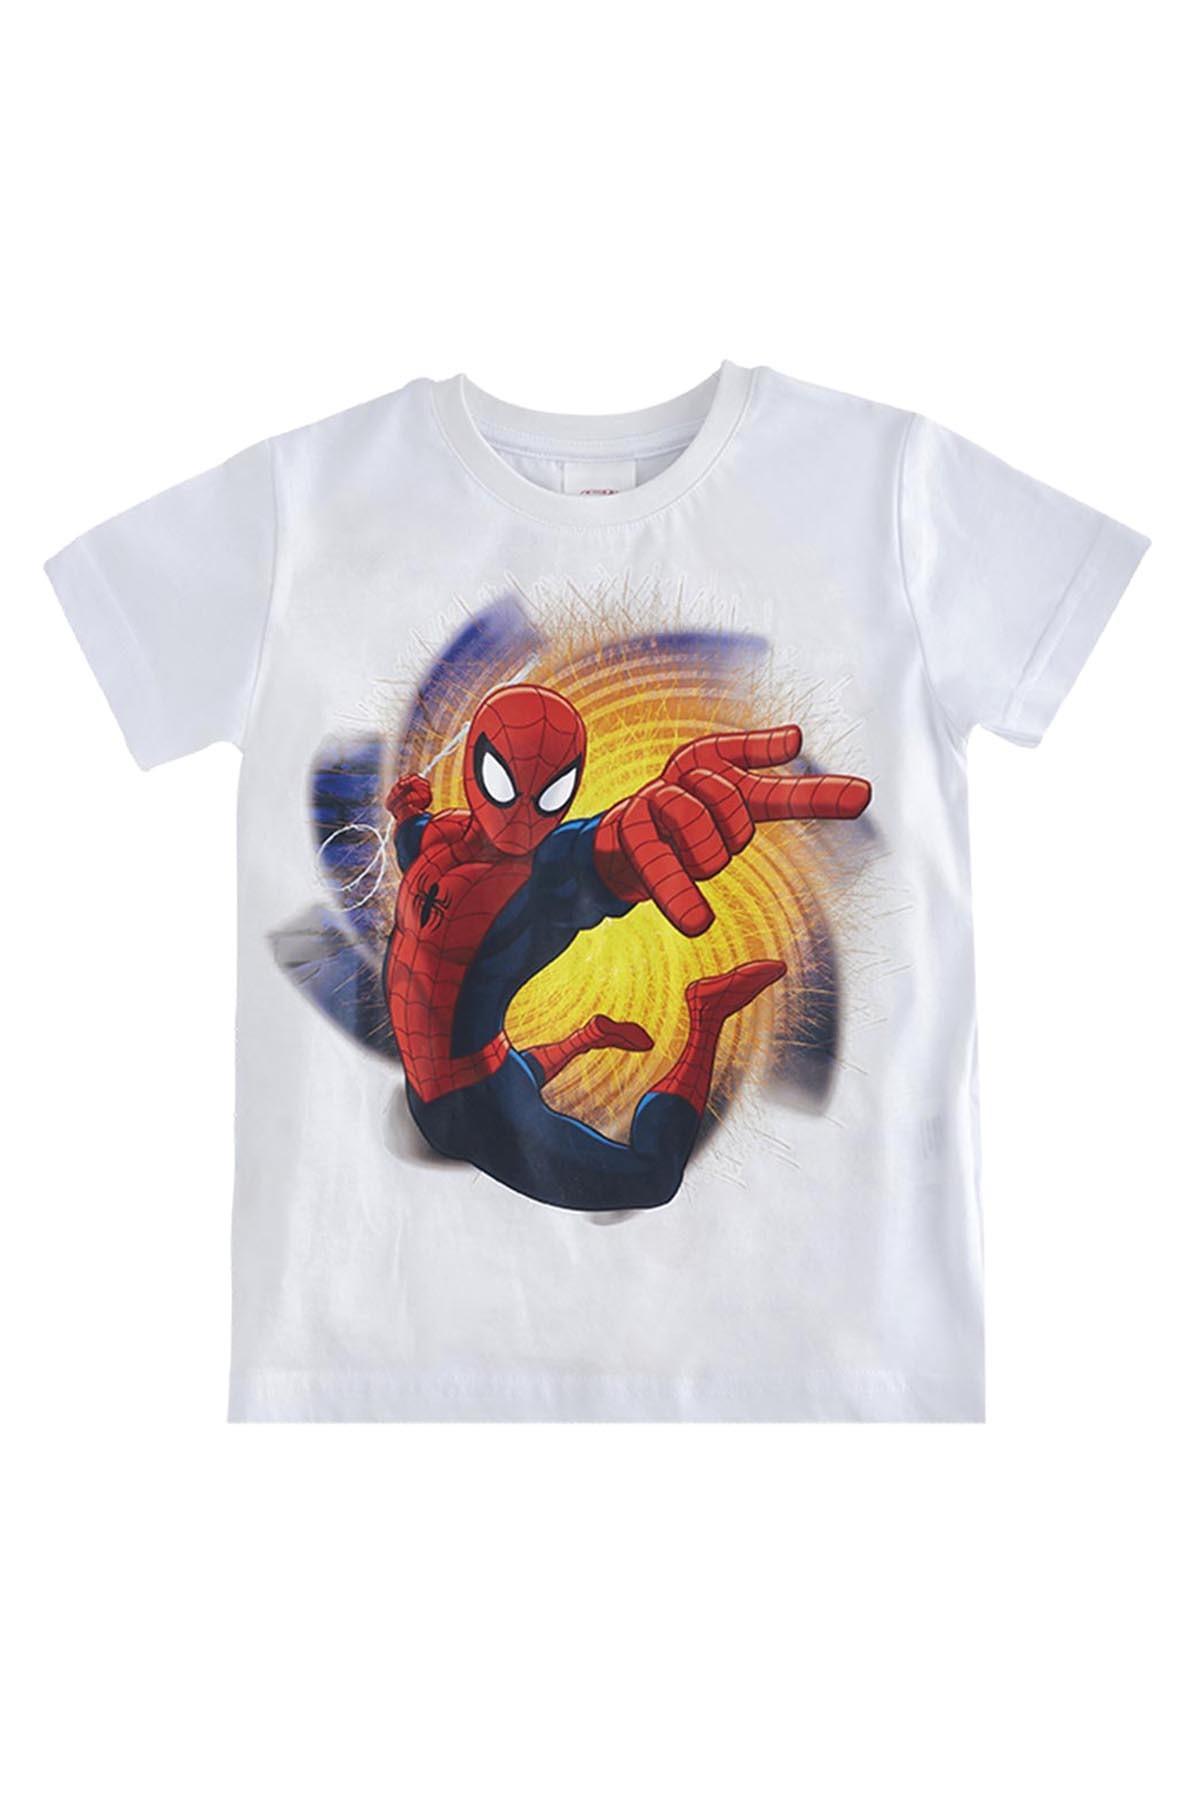 Soobe Ultimate Spider-Man Kısa Kol T-Shirt  Beyaz   15YECTSRT1320_00-0001 1